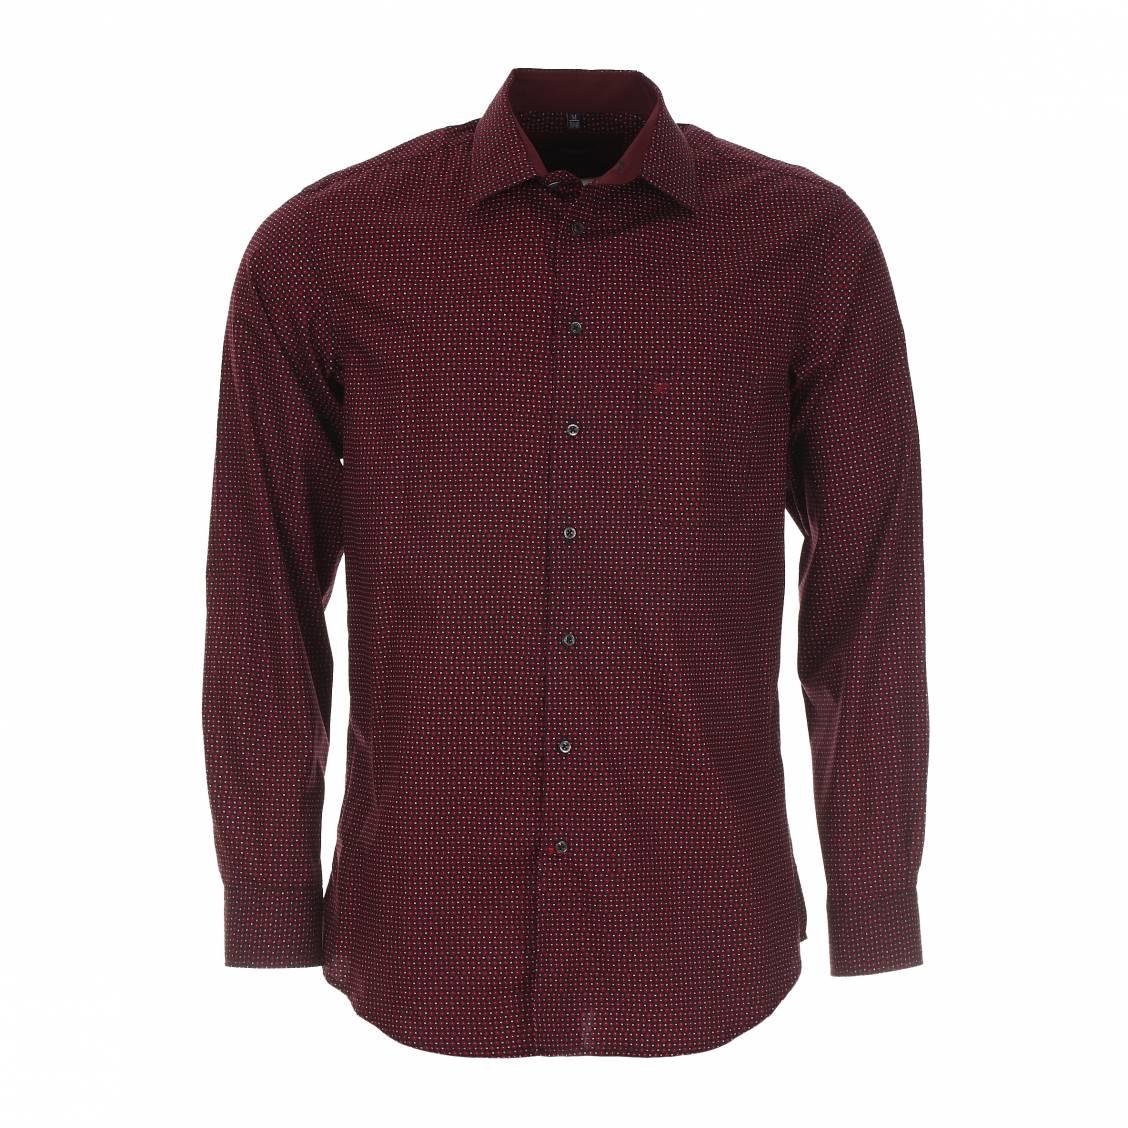 Chemise droite Jean Chatel bordeaux à motifs rouges. Chemise homme jean Chatel   - Coton (100%) - Coupe droite  - Bordeaux à motifs roug